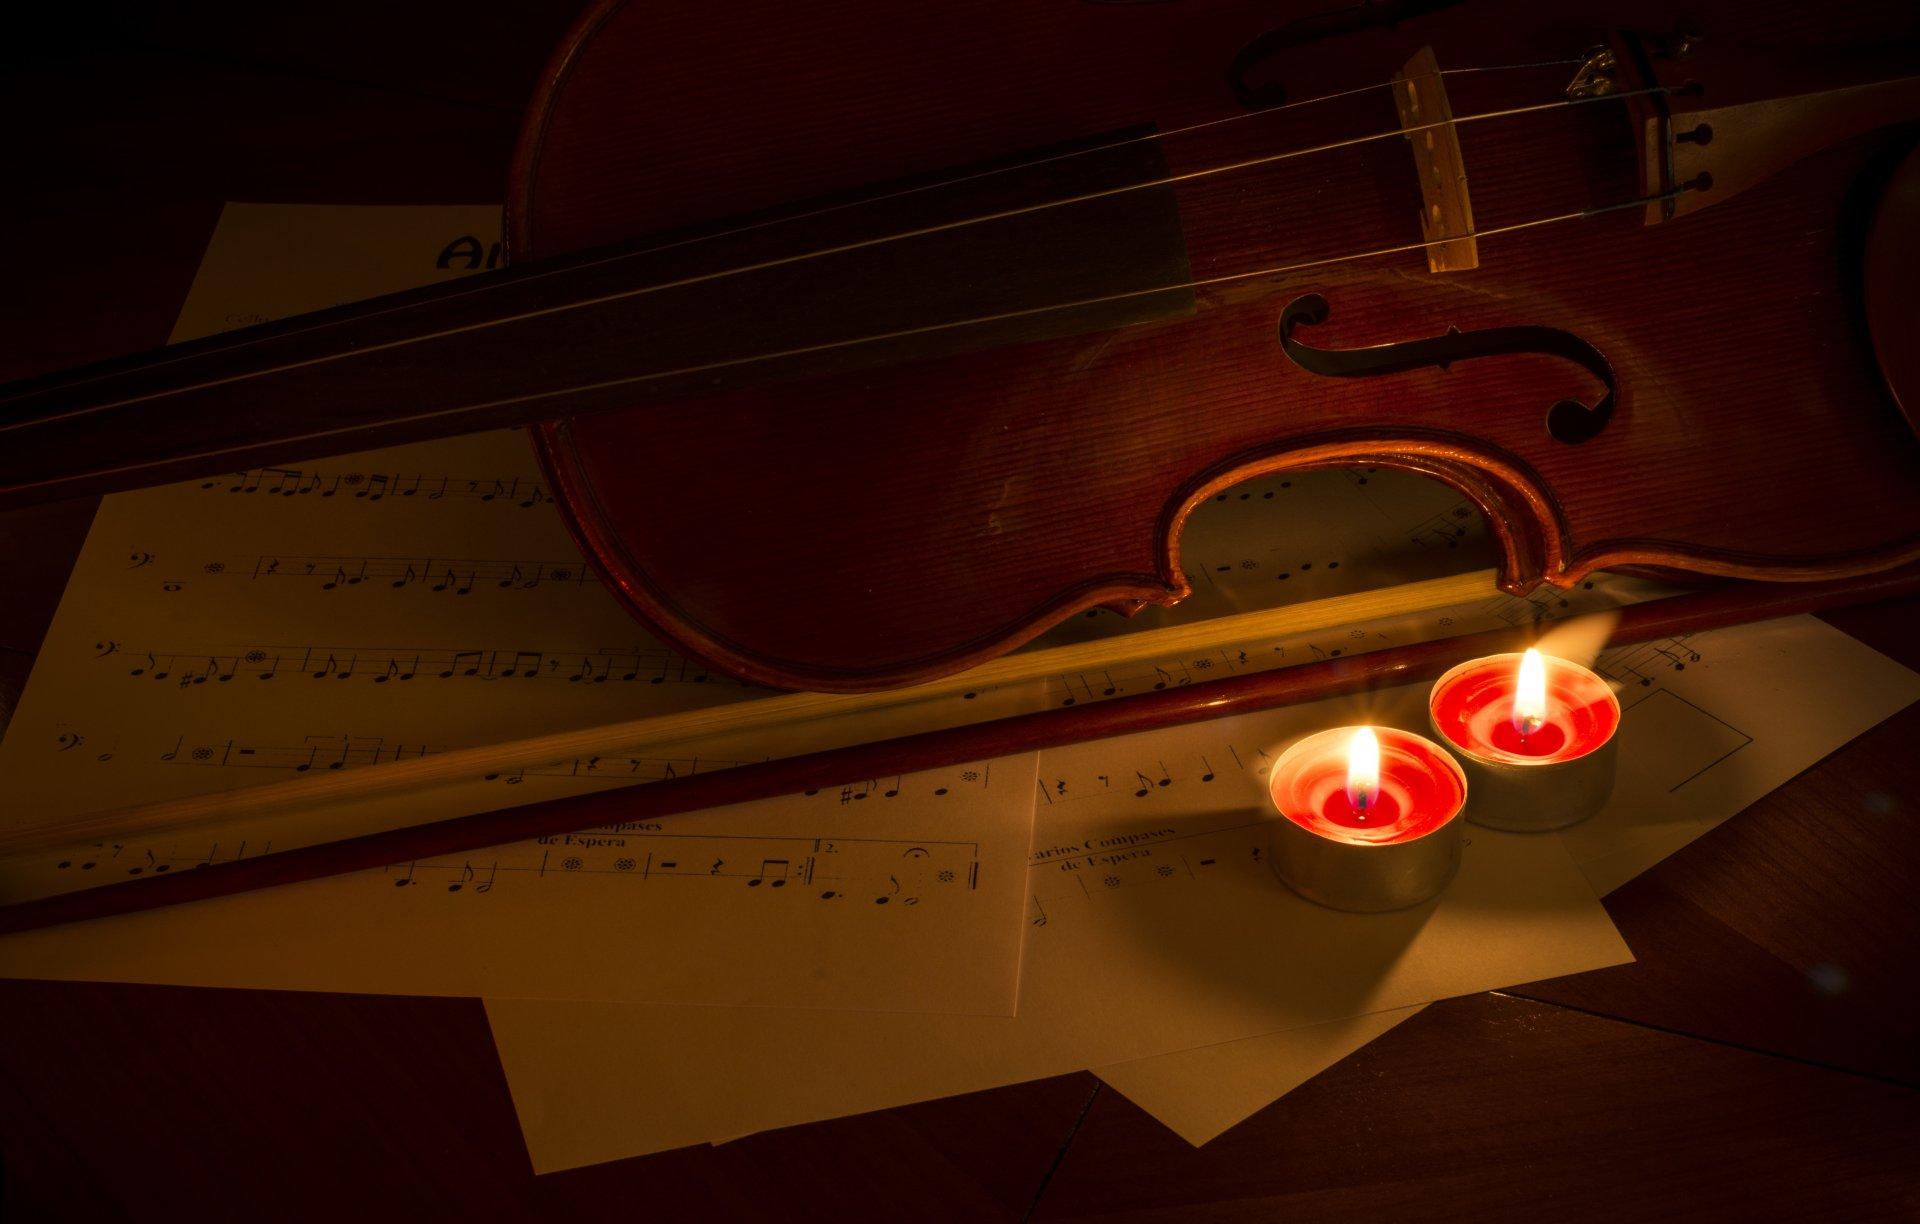 лятошинский мелодия ноты